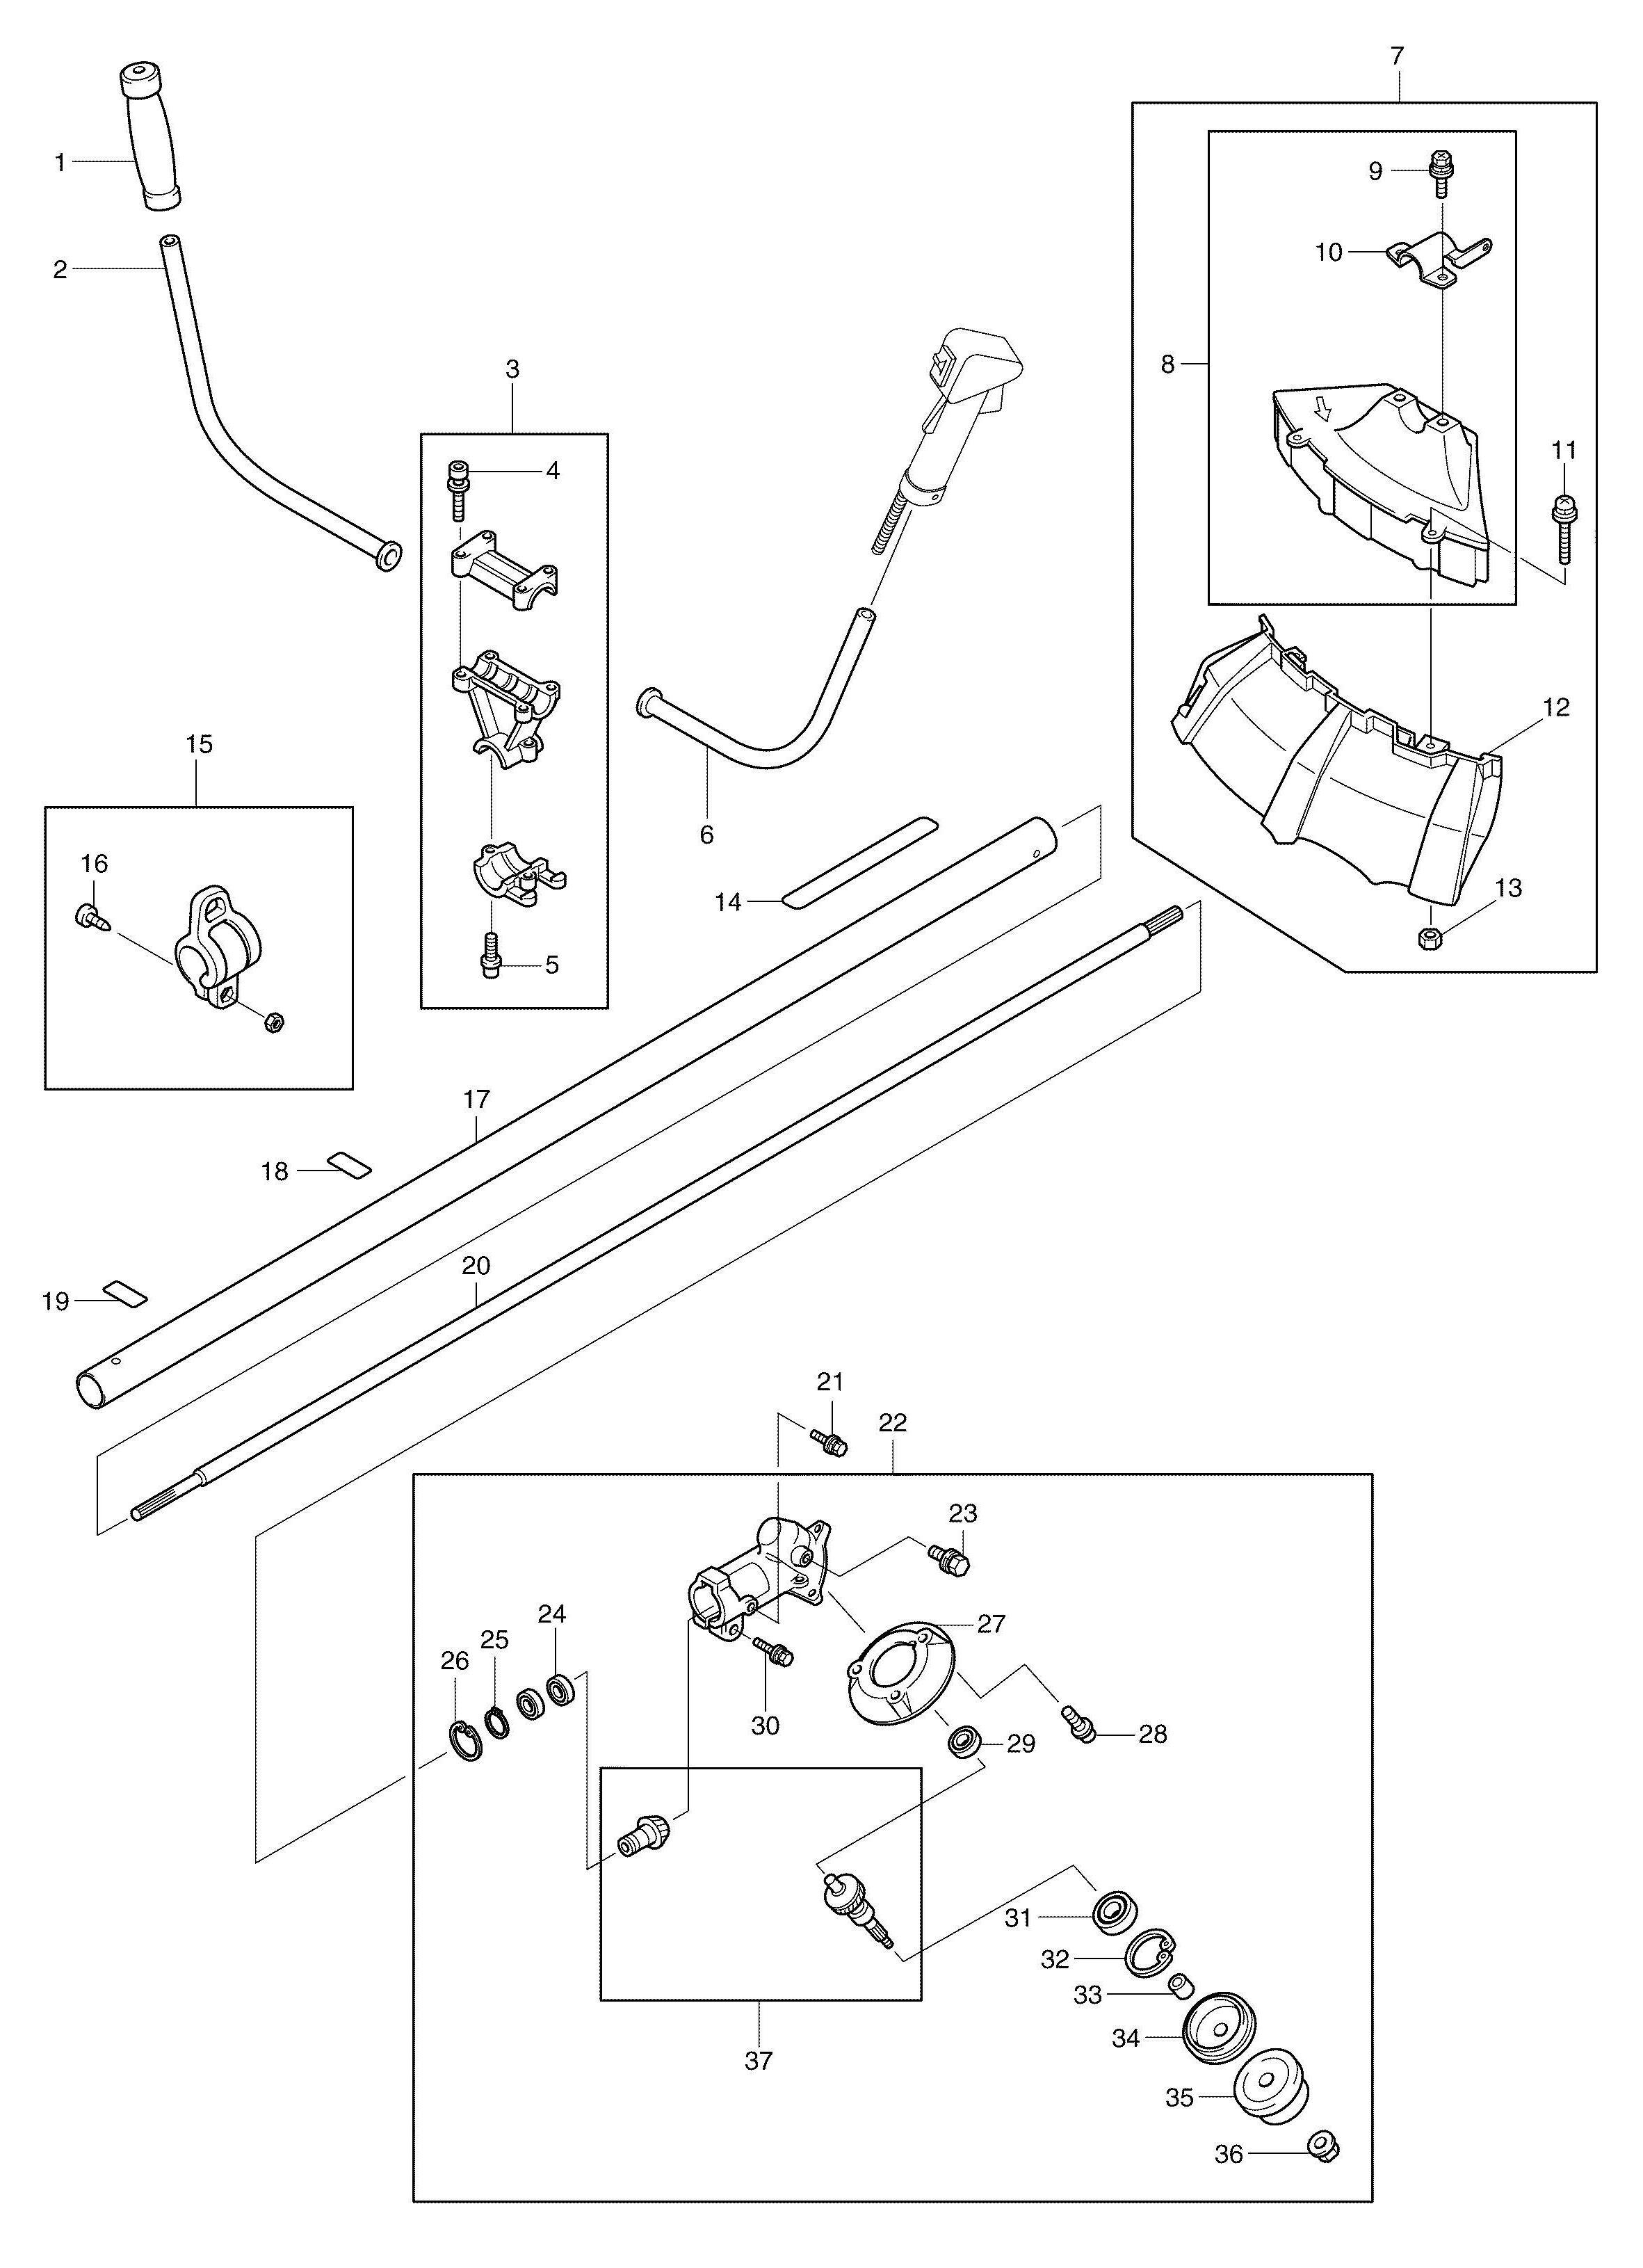 Spares for Makita Rbc3101 Line Trimmer 30.5cc SPARE